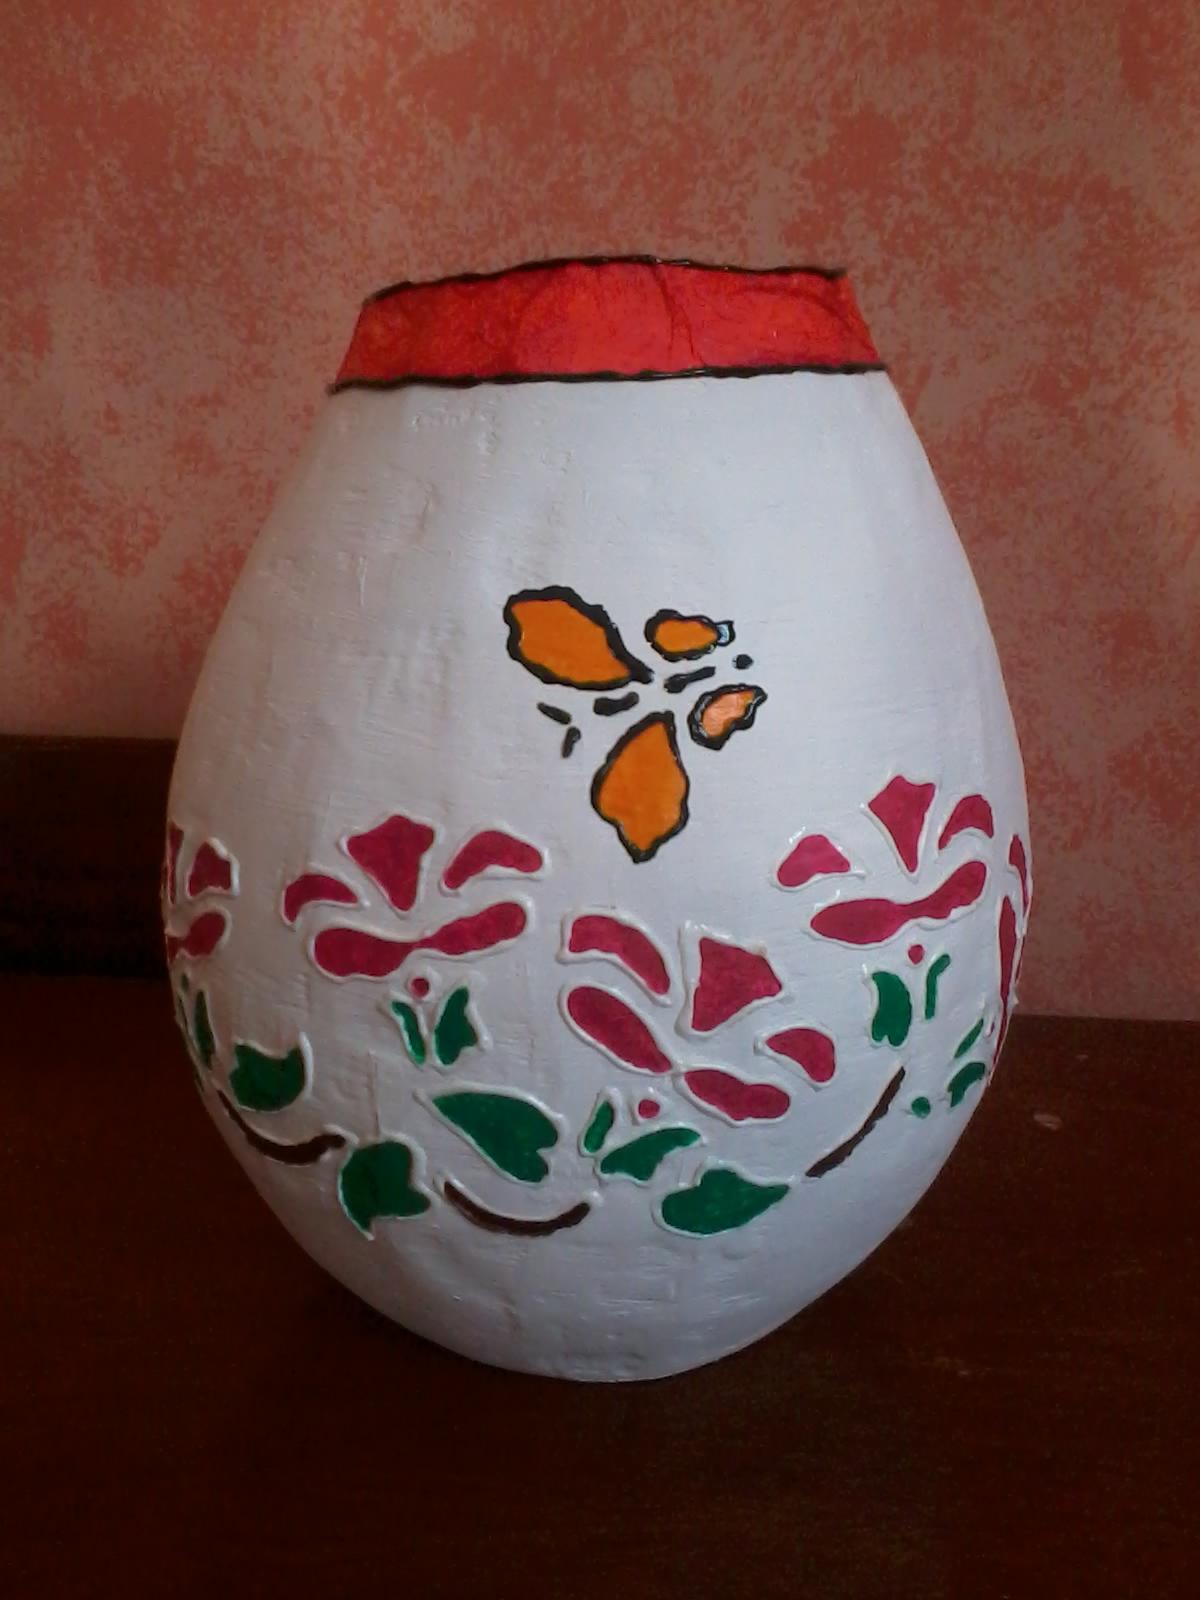 Adesivo Para Box De Banheiro ~ Vaso artesanal jardim Ateli u00ea Feitoà m u00e3o Elo7